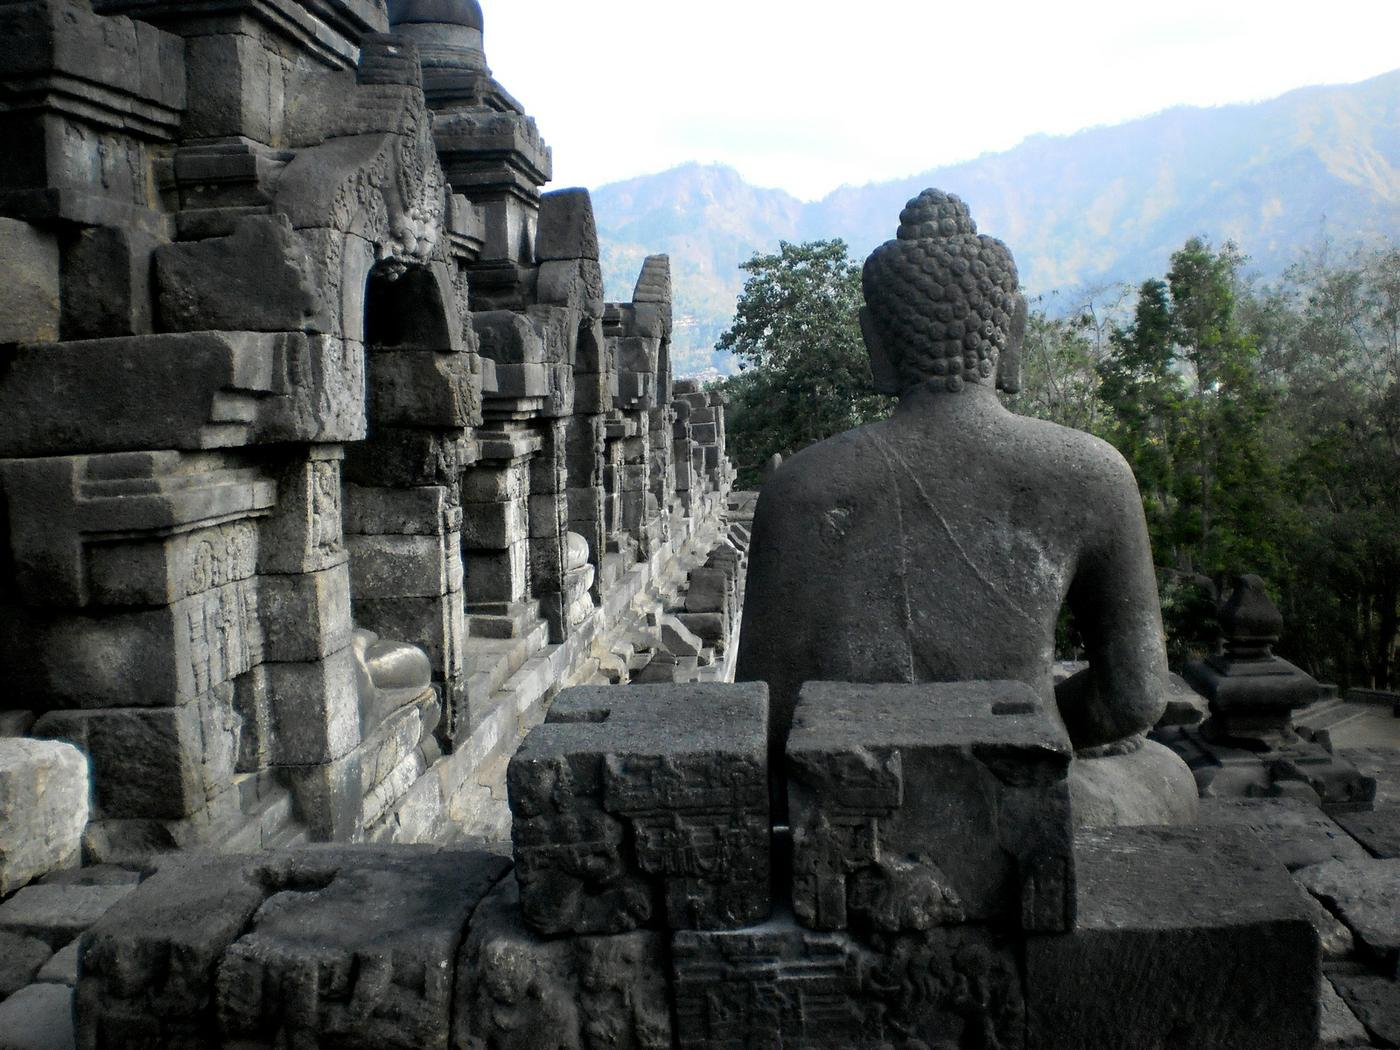 Nurita Krisnawati-Oddo